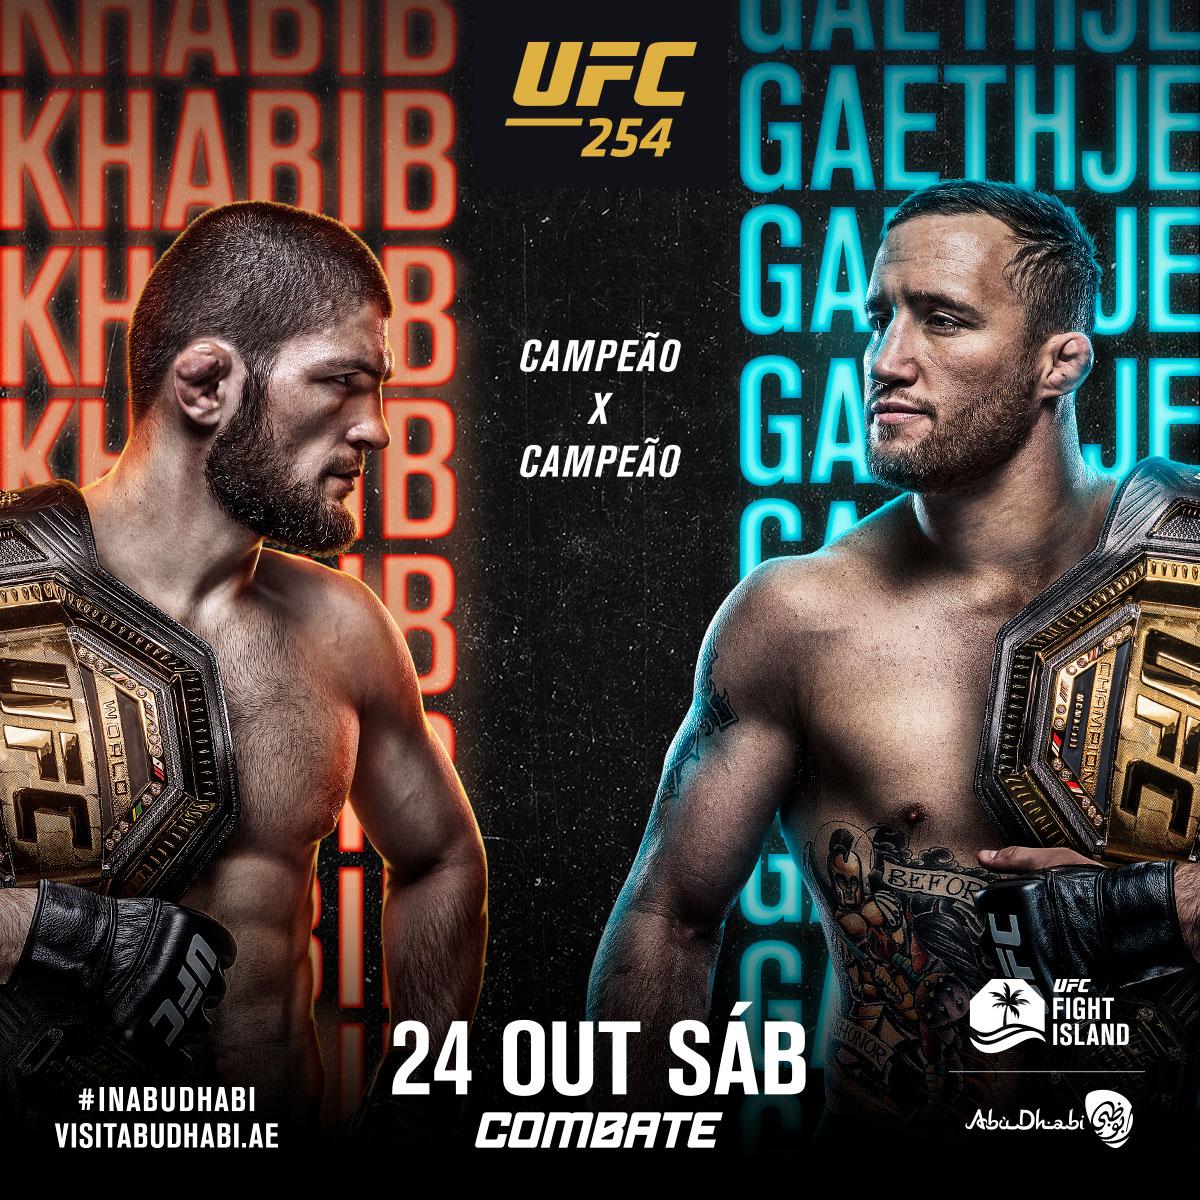 Próxima parada 🏝 #UFC254 🏆🇷🇺 @TeamKhabib 🆚 @Justin_Gaethje 🇺🇸 📅 Sábado, 24 de outubro ⏰ A partir de 11h30 da manhã (horário de Brasília) 📺💻📱 Ao Vivo e exclusivo no @canalCombate. Assine já ➡ https://t.co/ft1a87cDcK https://t.co/PWQ0v7BmuC